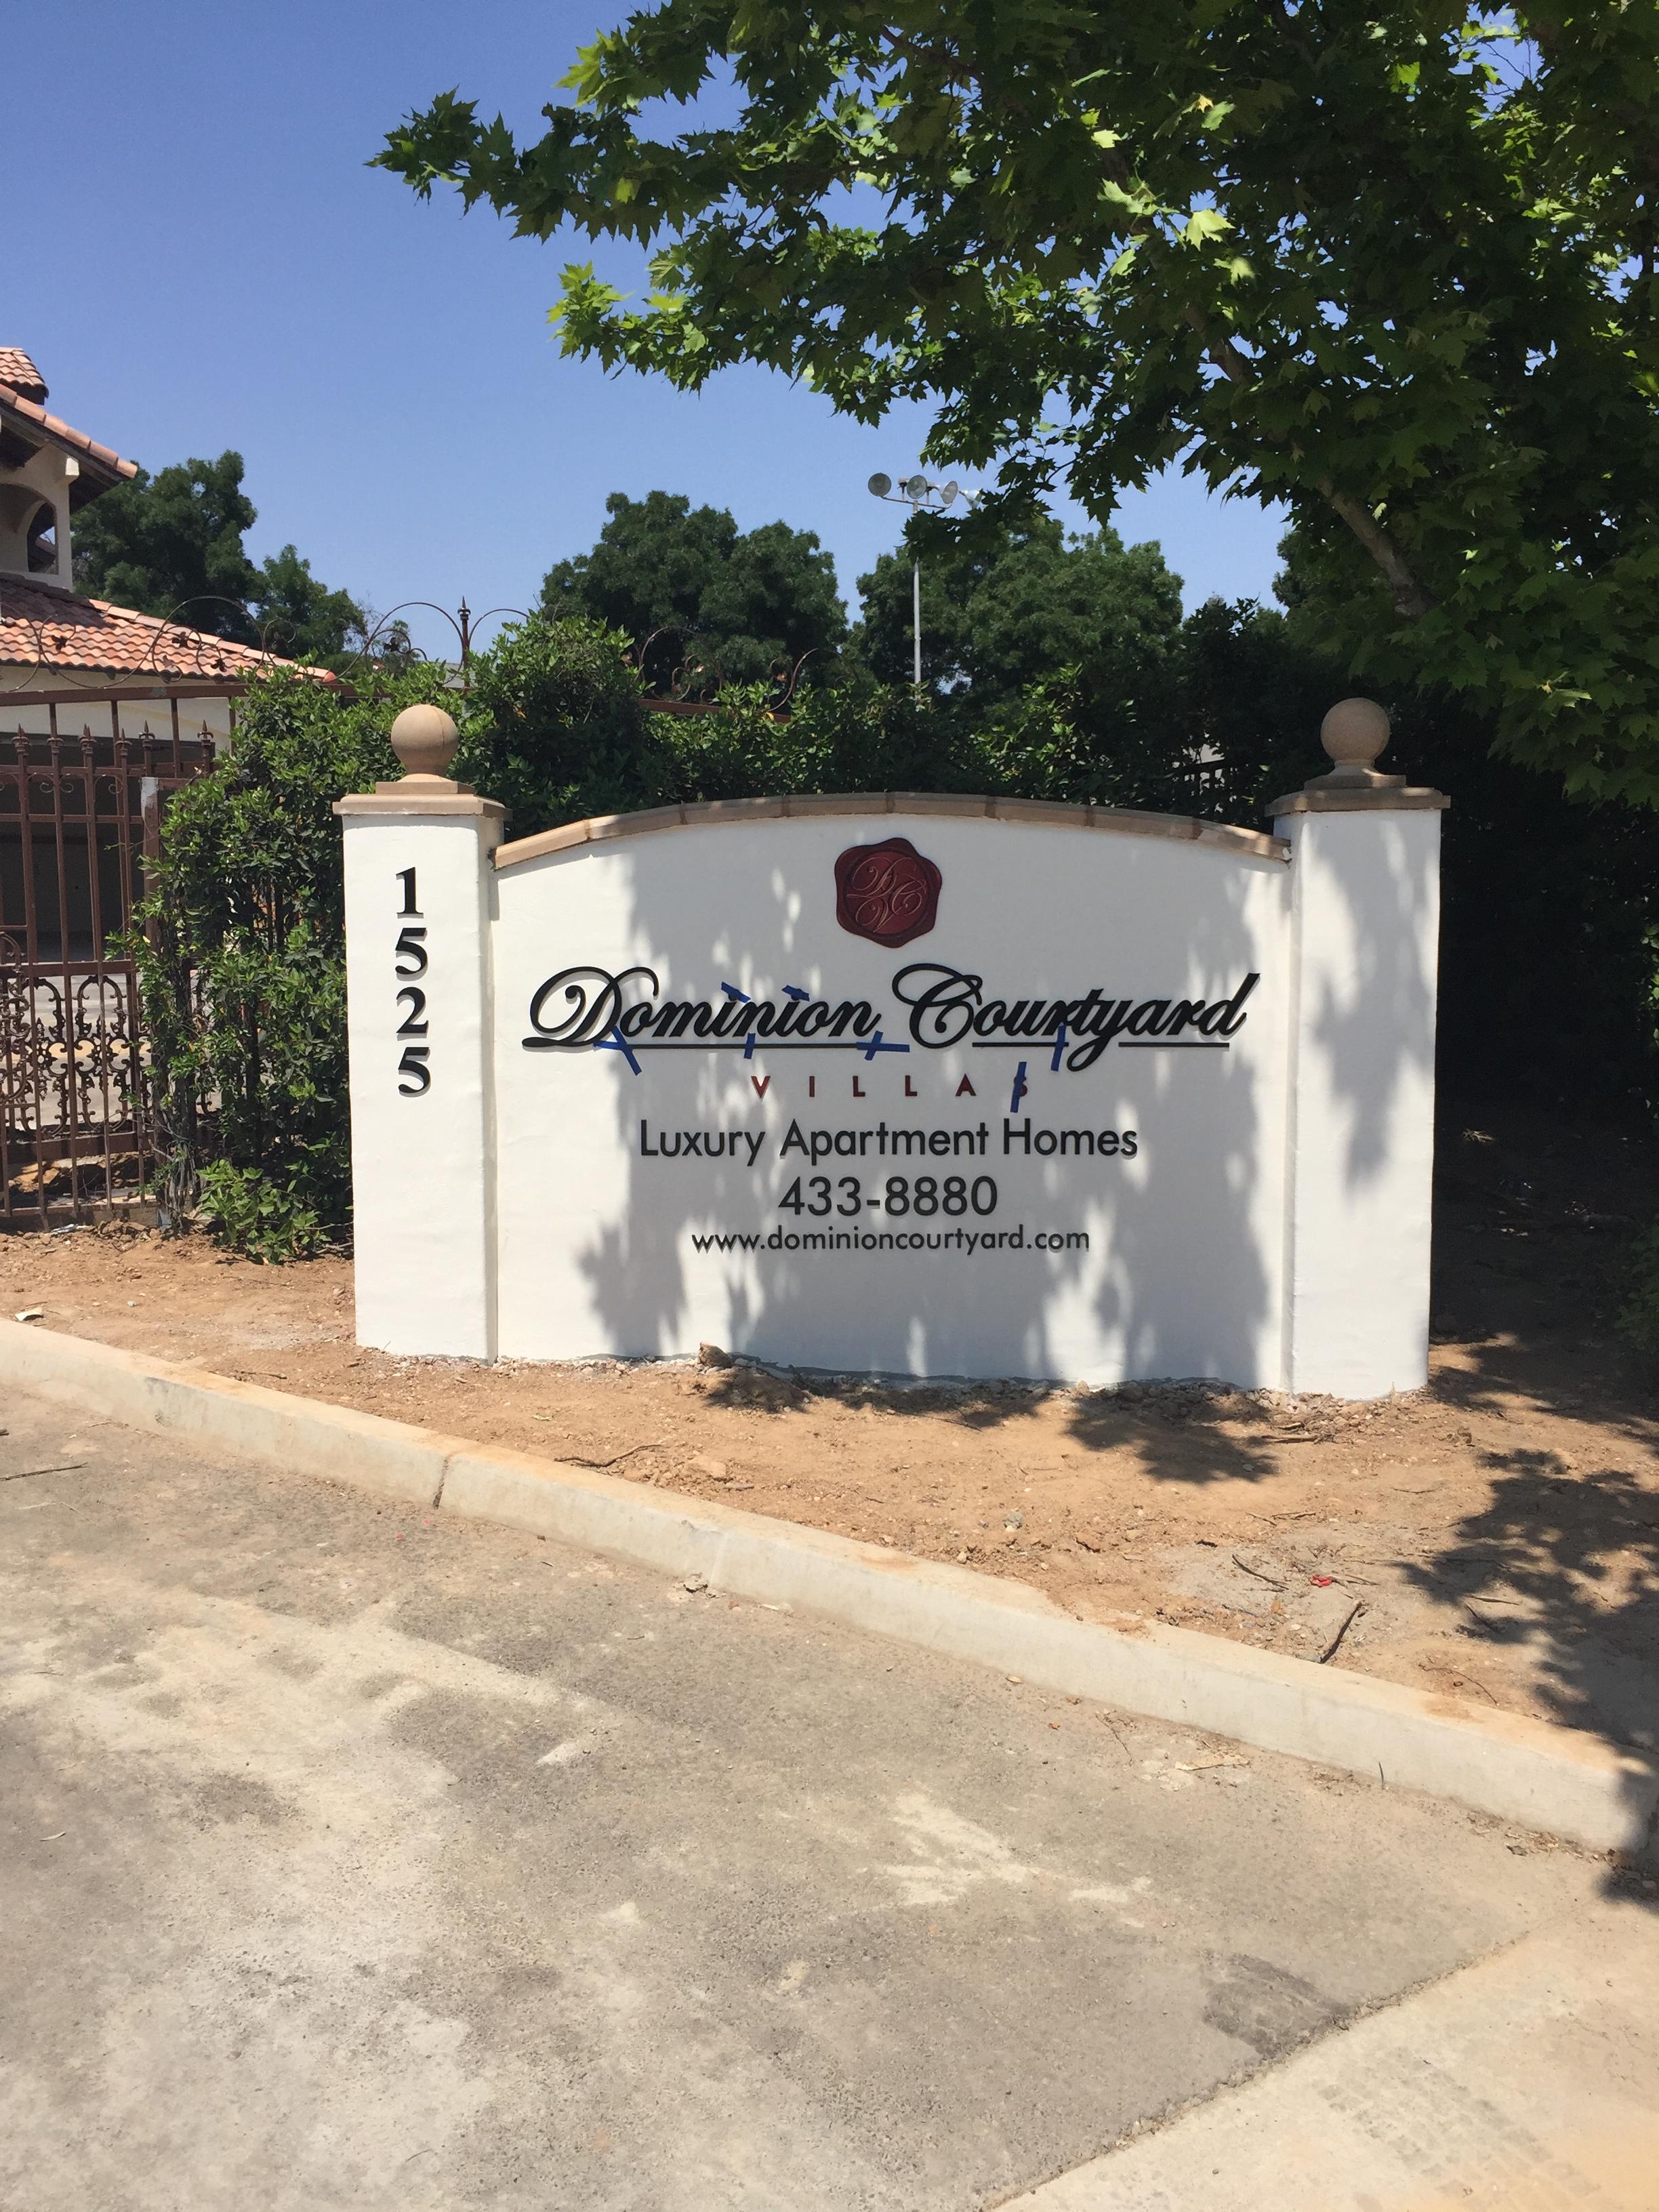 Dominion Courtyard Villa